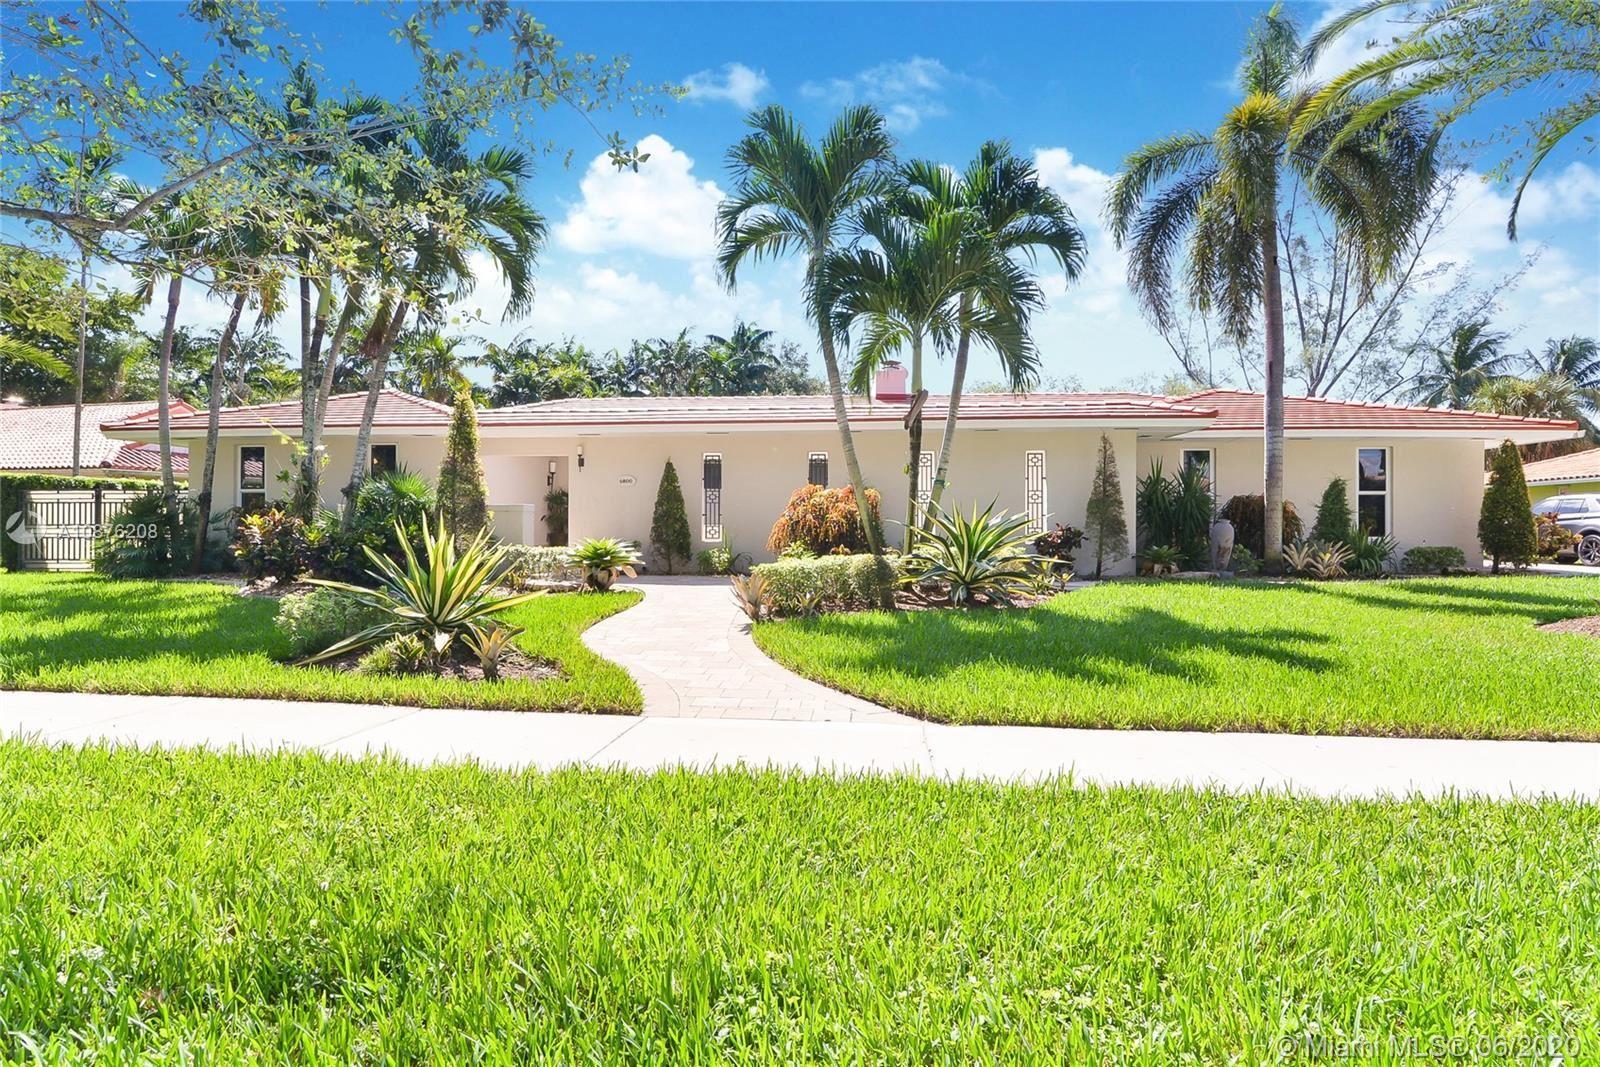 6800 Gleneagle Dr, Miami Lakes, FL 33014 - #: A10876208